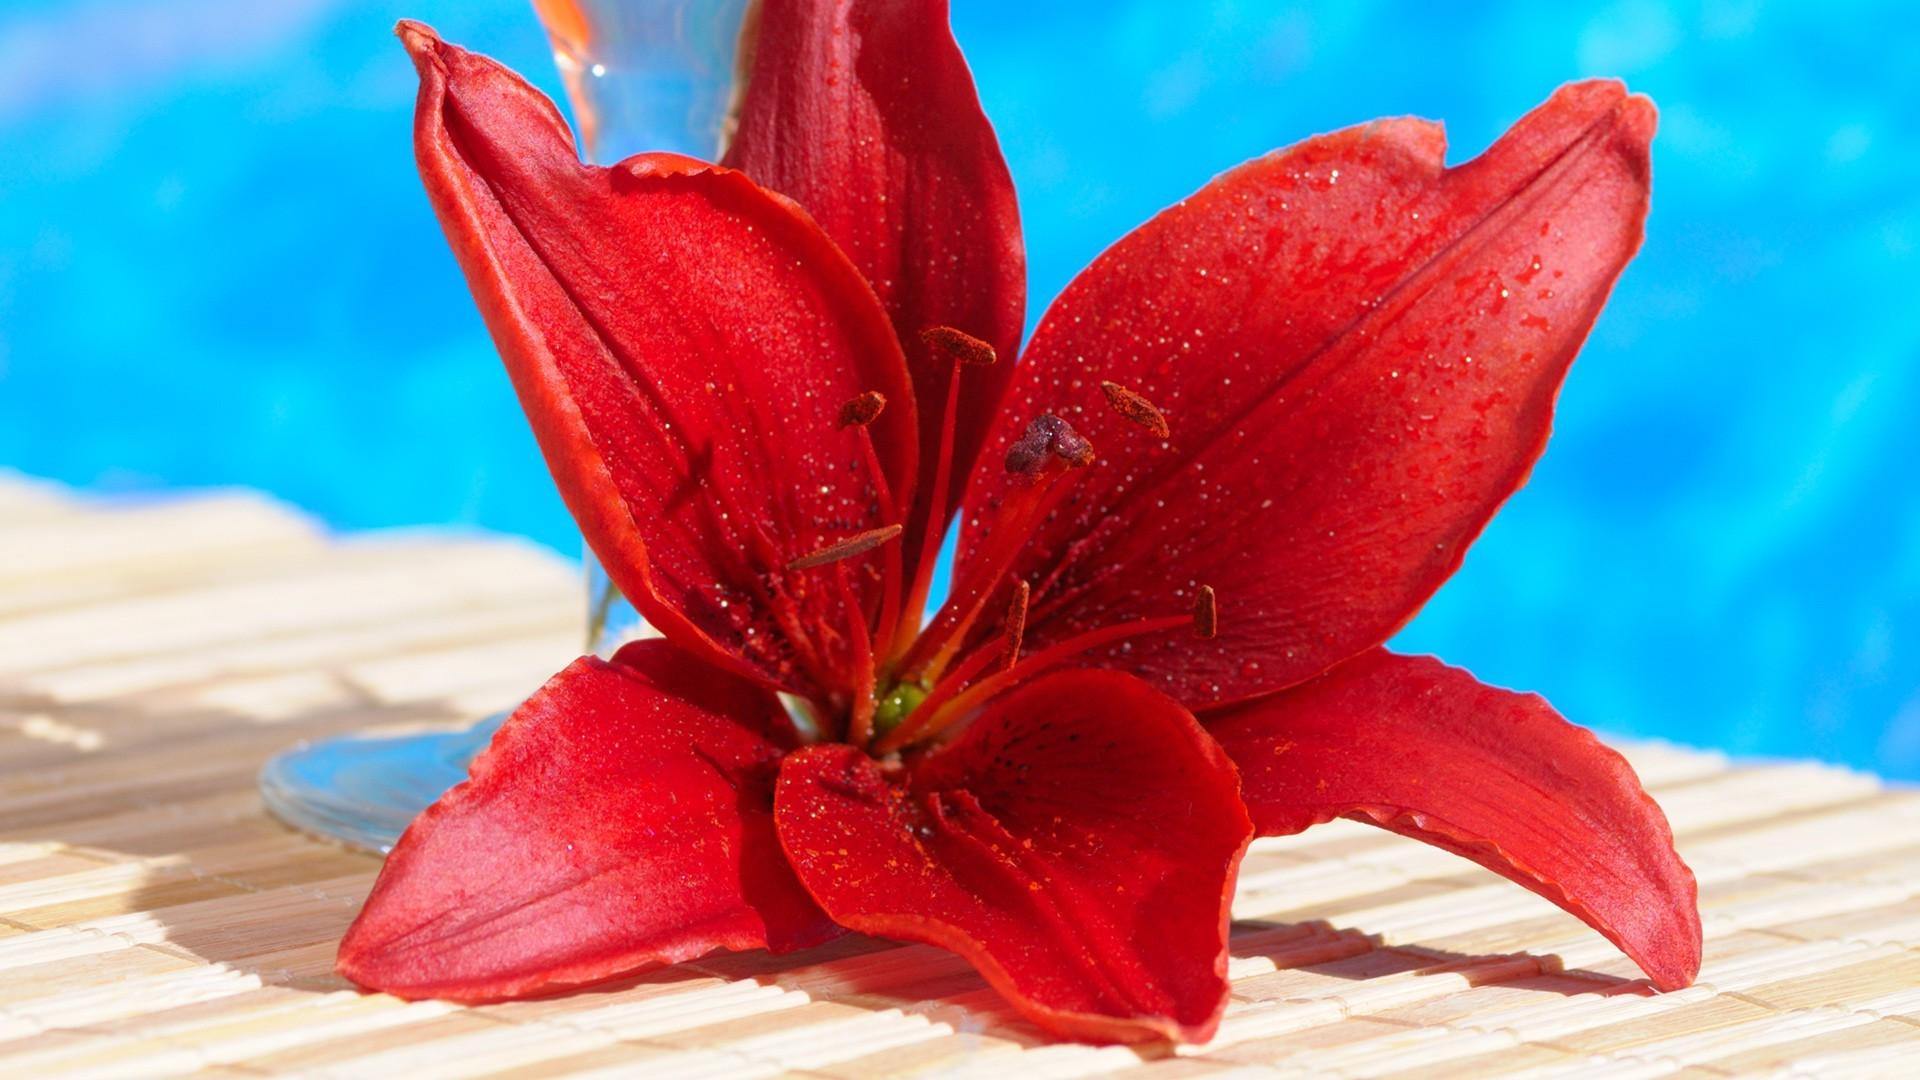 Обои на рабочий стол 1920х1080 цветы лилии